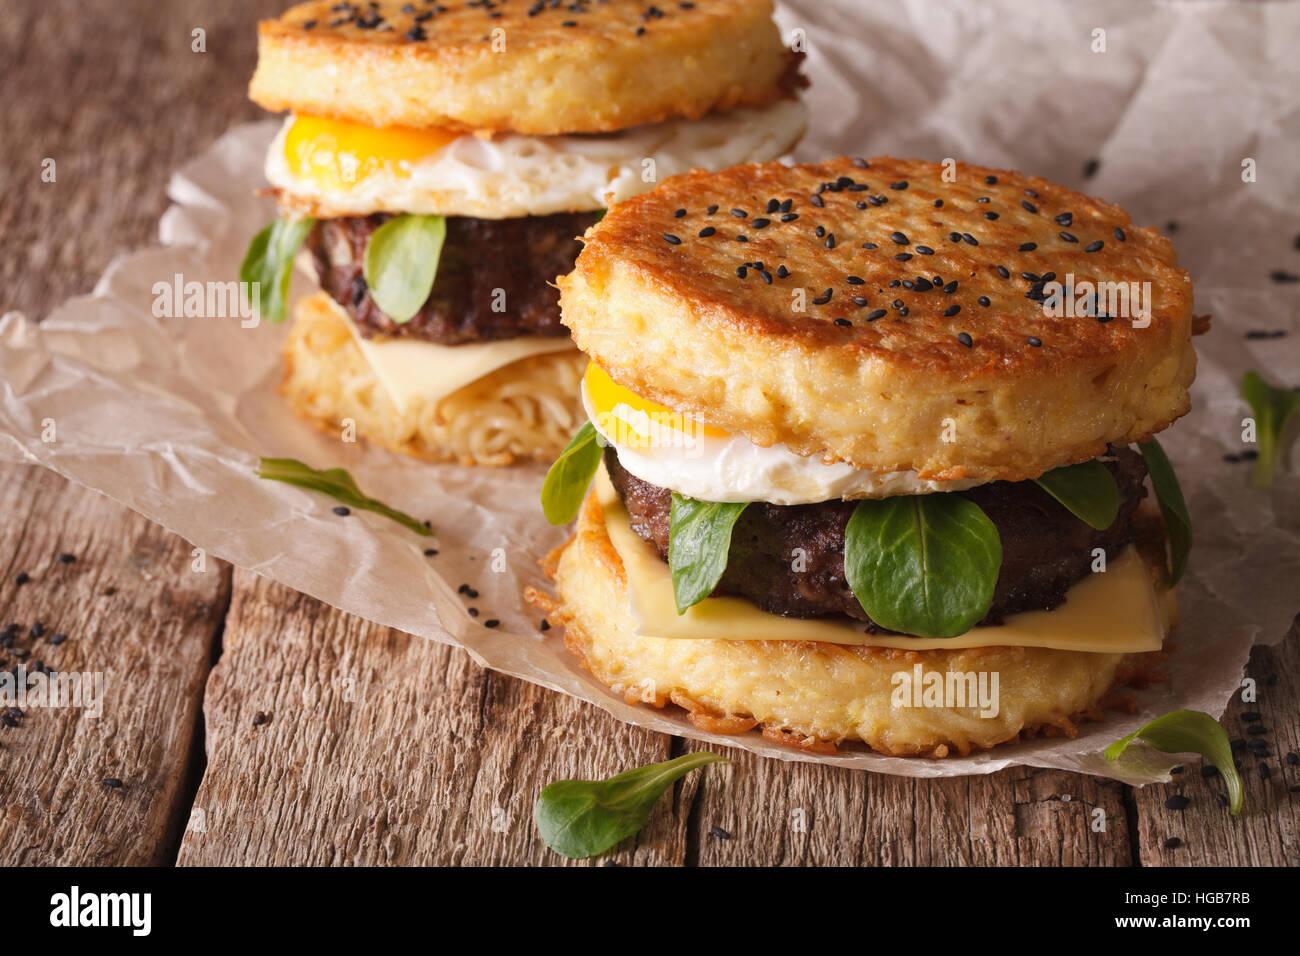 Il nuovo fast food: ramen burger close-up su un foglio di carta sul tavolo di legno orizzontale. Immagini Stock